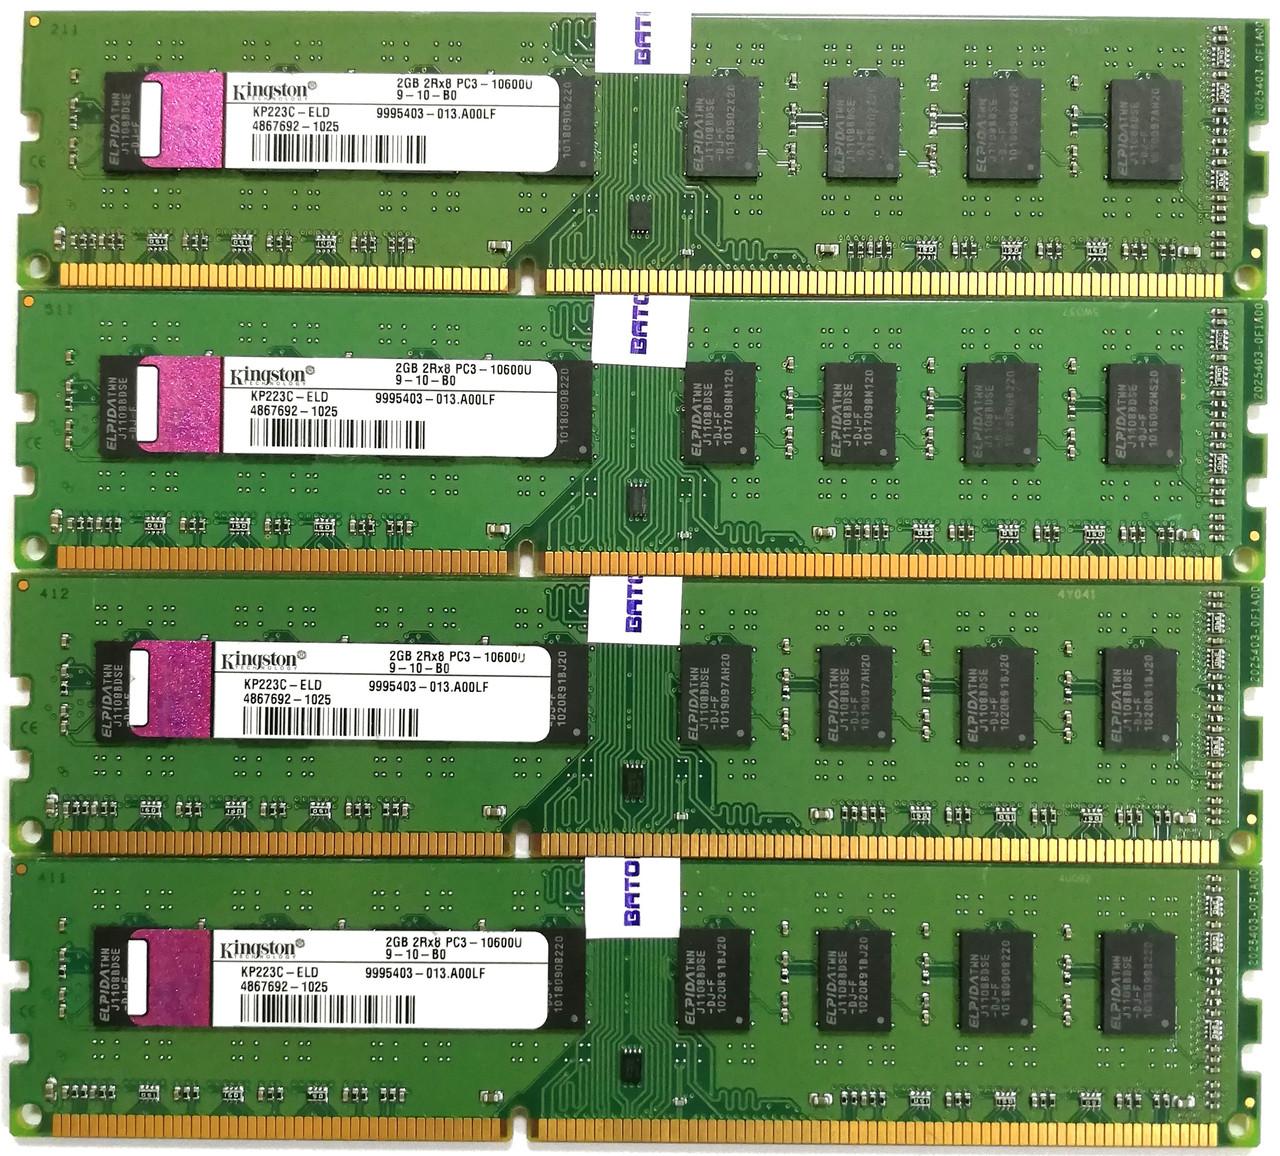 Комплект оперативной памяти Kingston DDR3 8Gb (4*2Gb) 1333MHz PC3 10600U CL9 2R8 (KP223C-ELD) Б/У